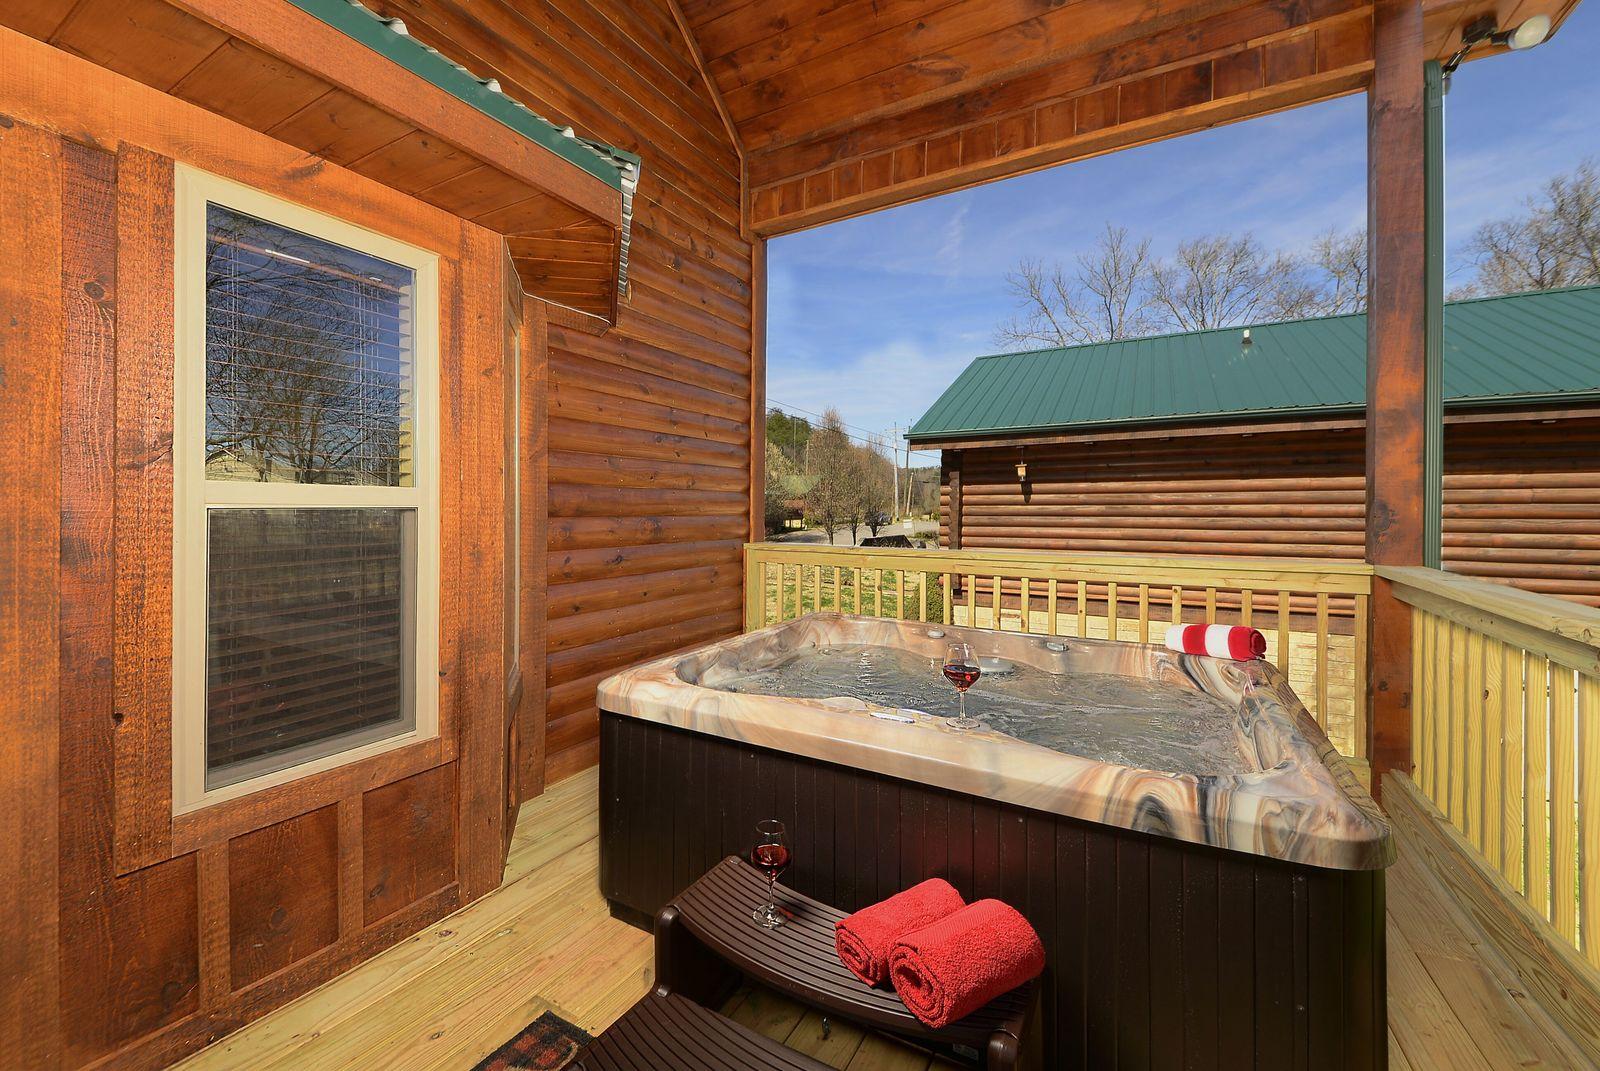 Breakaway Cabins Vacation Rentals In The Smokies